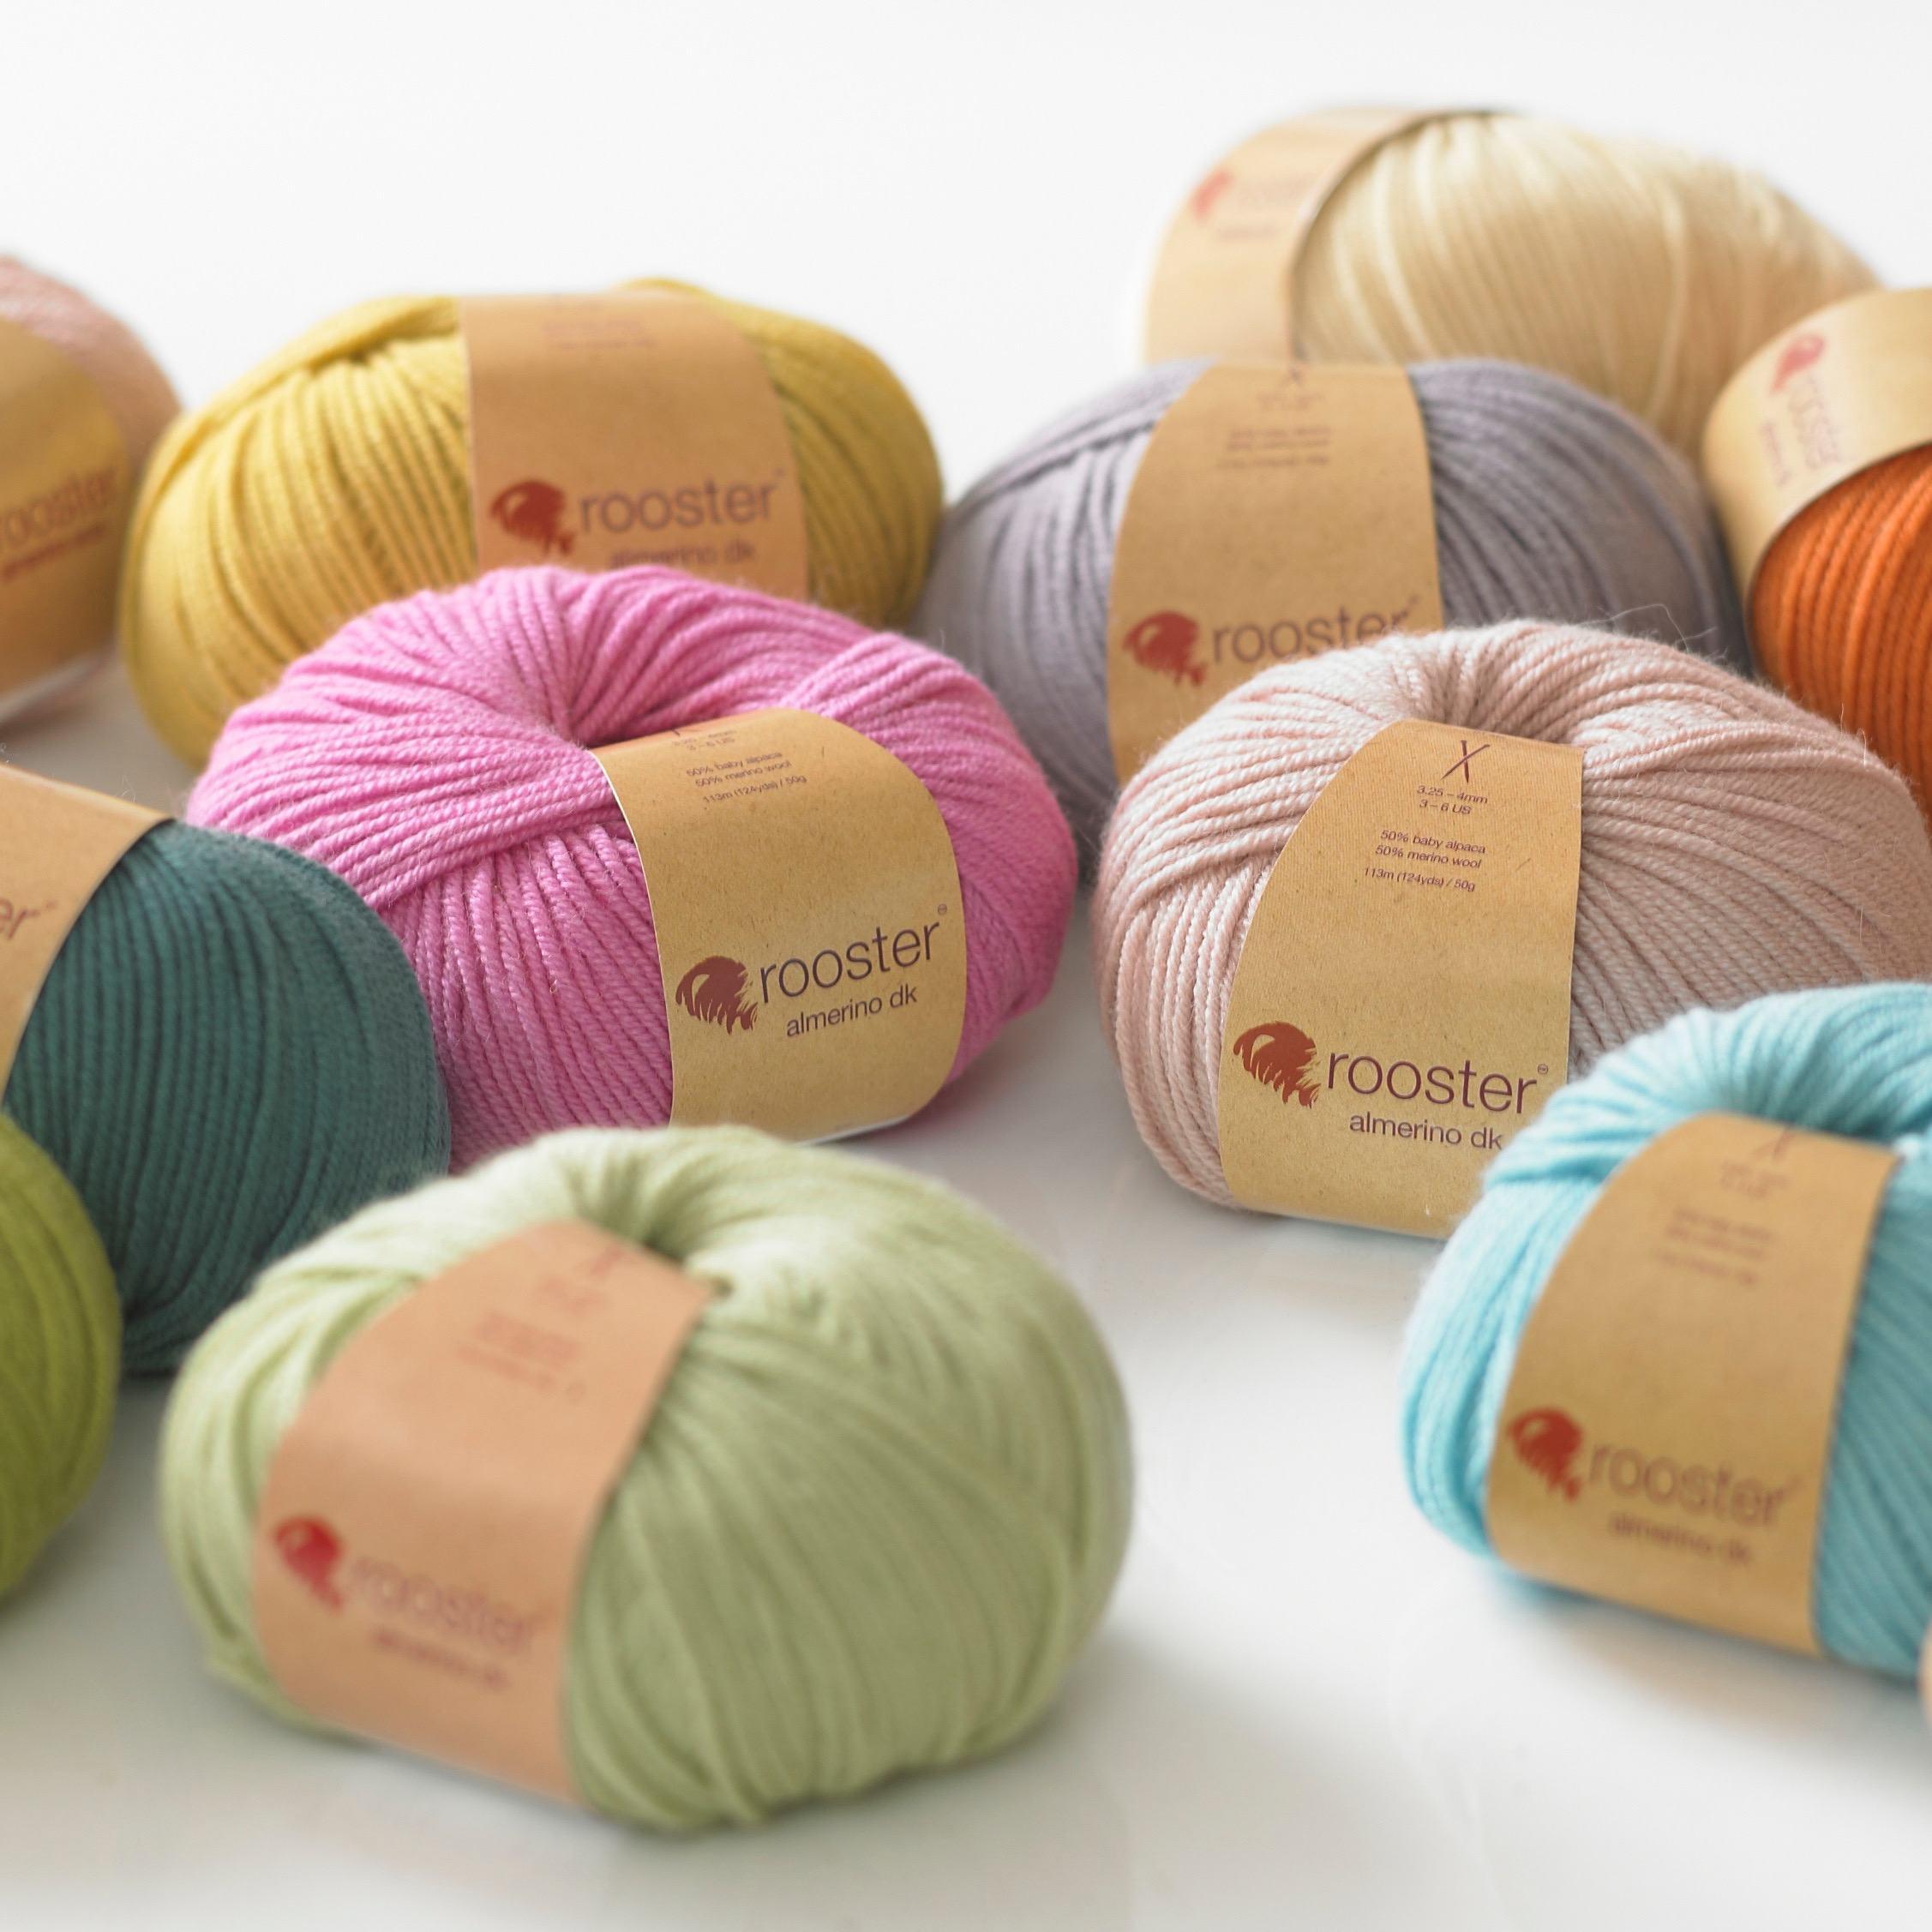 almerino DK yarn